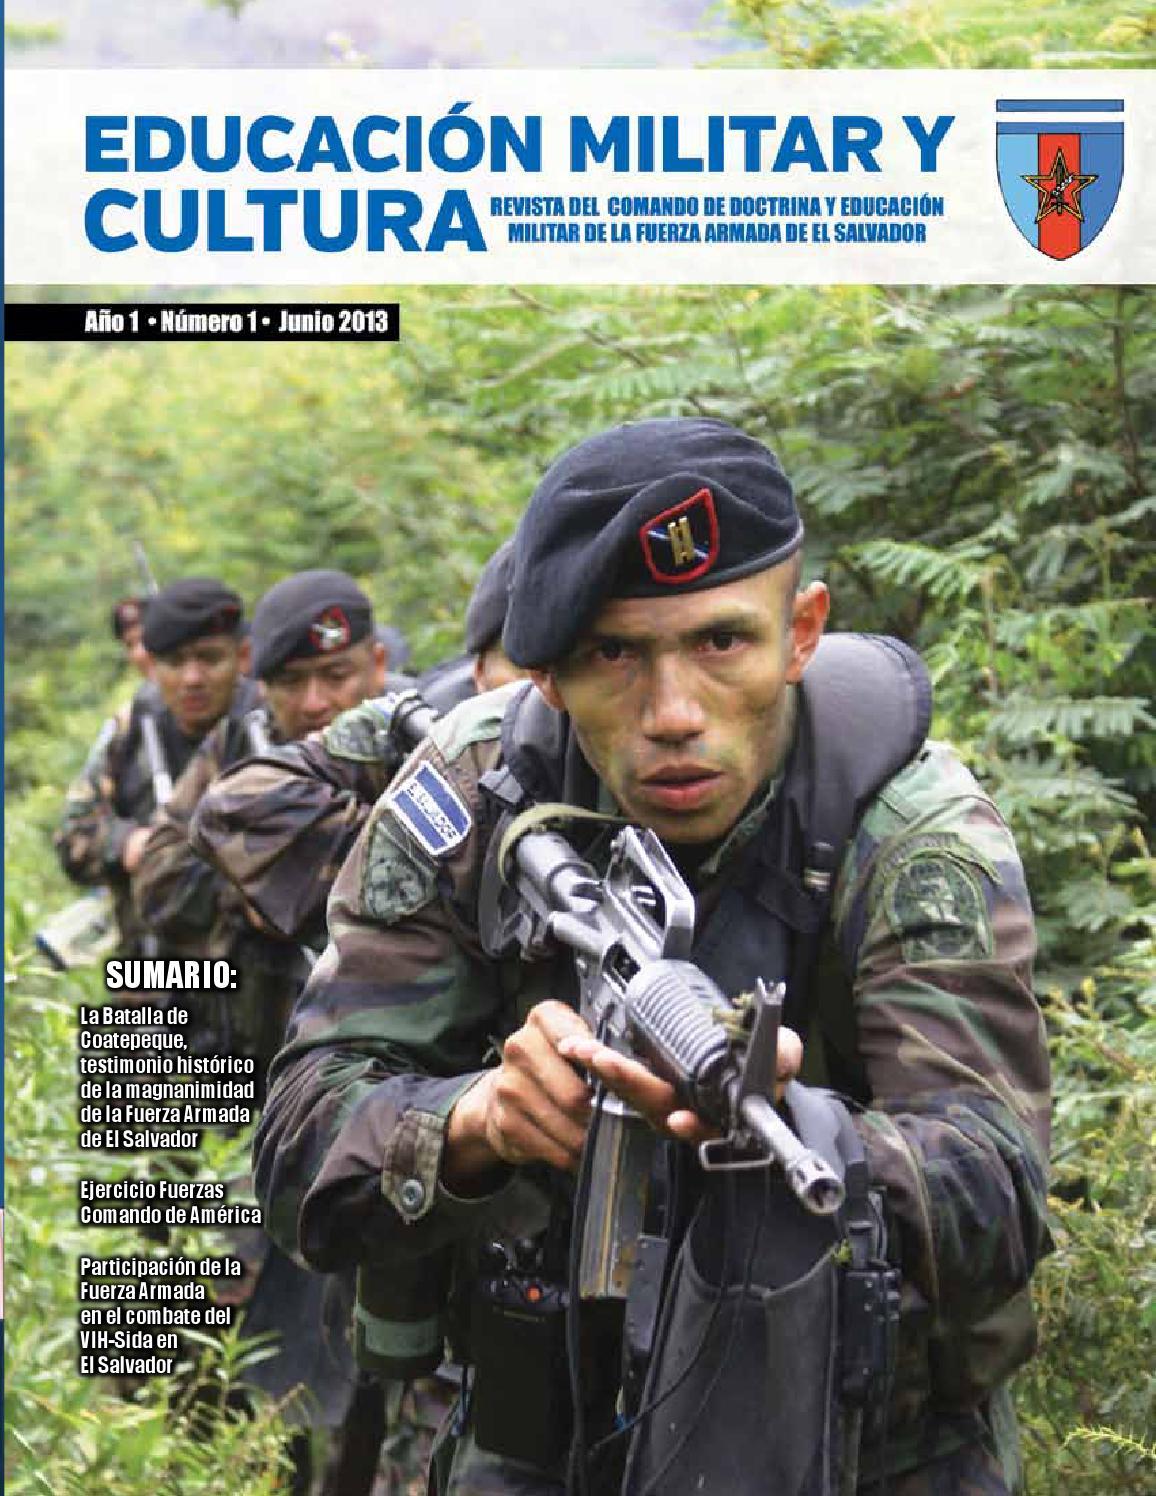 Revista Educación Militar y Cultura by jose Cruz - issuu